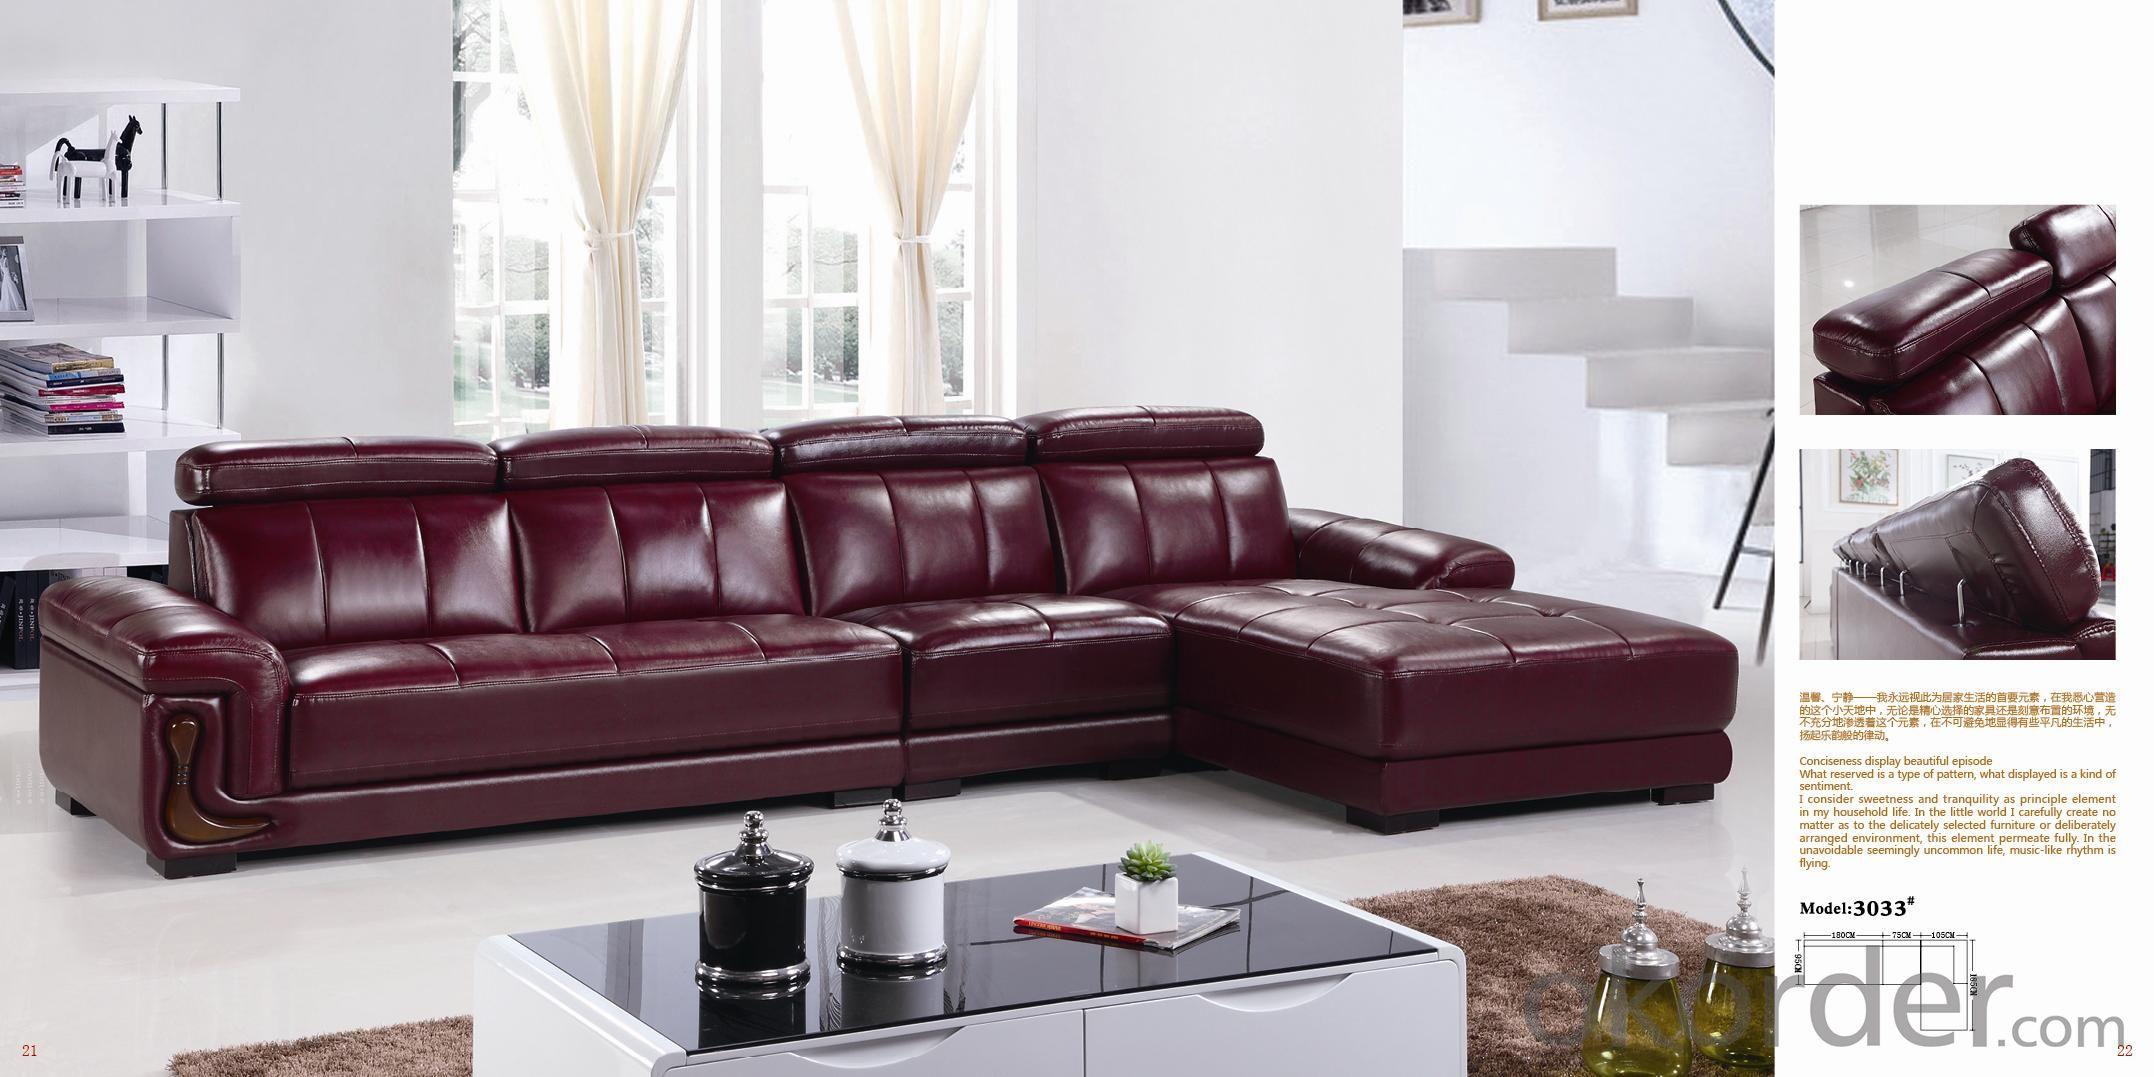 Leather sofa model-18